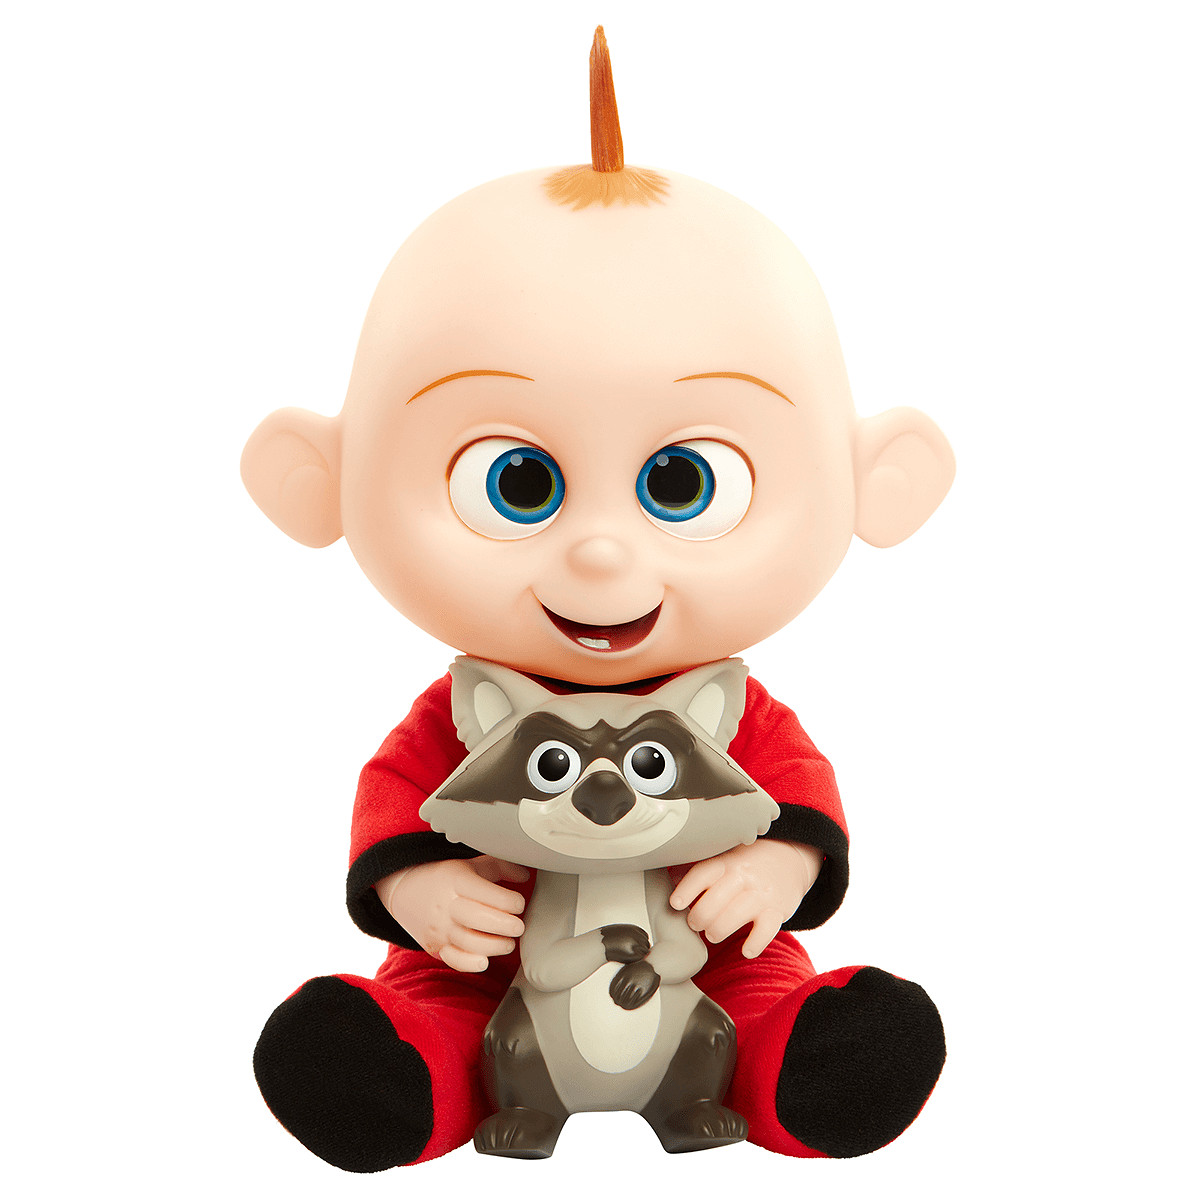 Disney Pixar Incredibles 2 Lights & Sounds Jack Jack Attacks